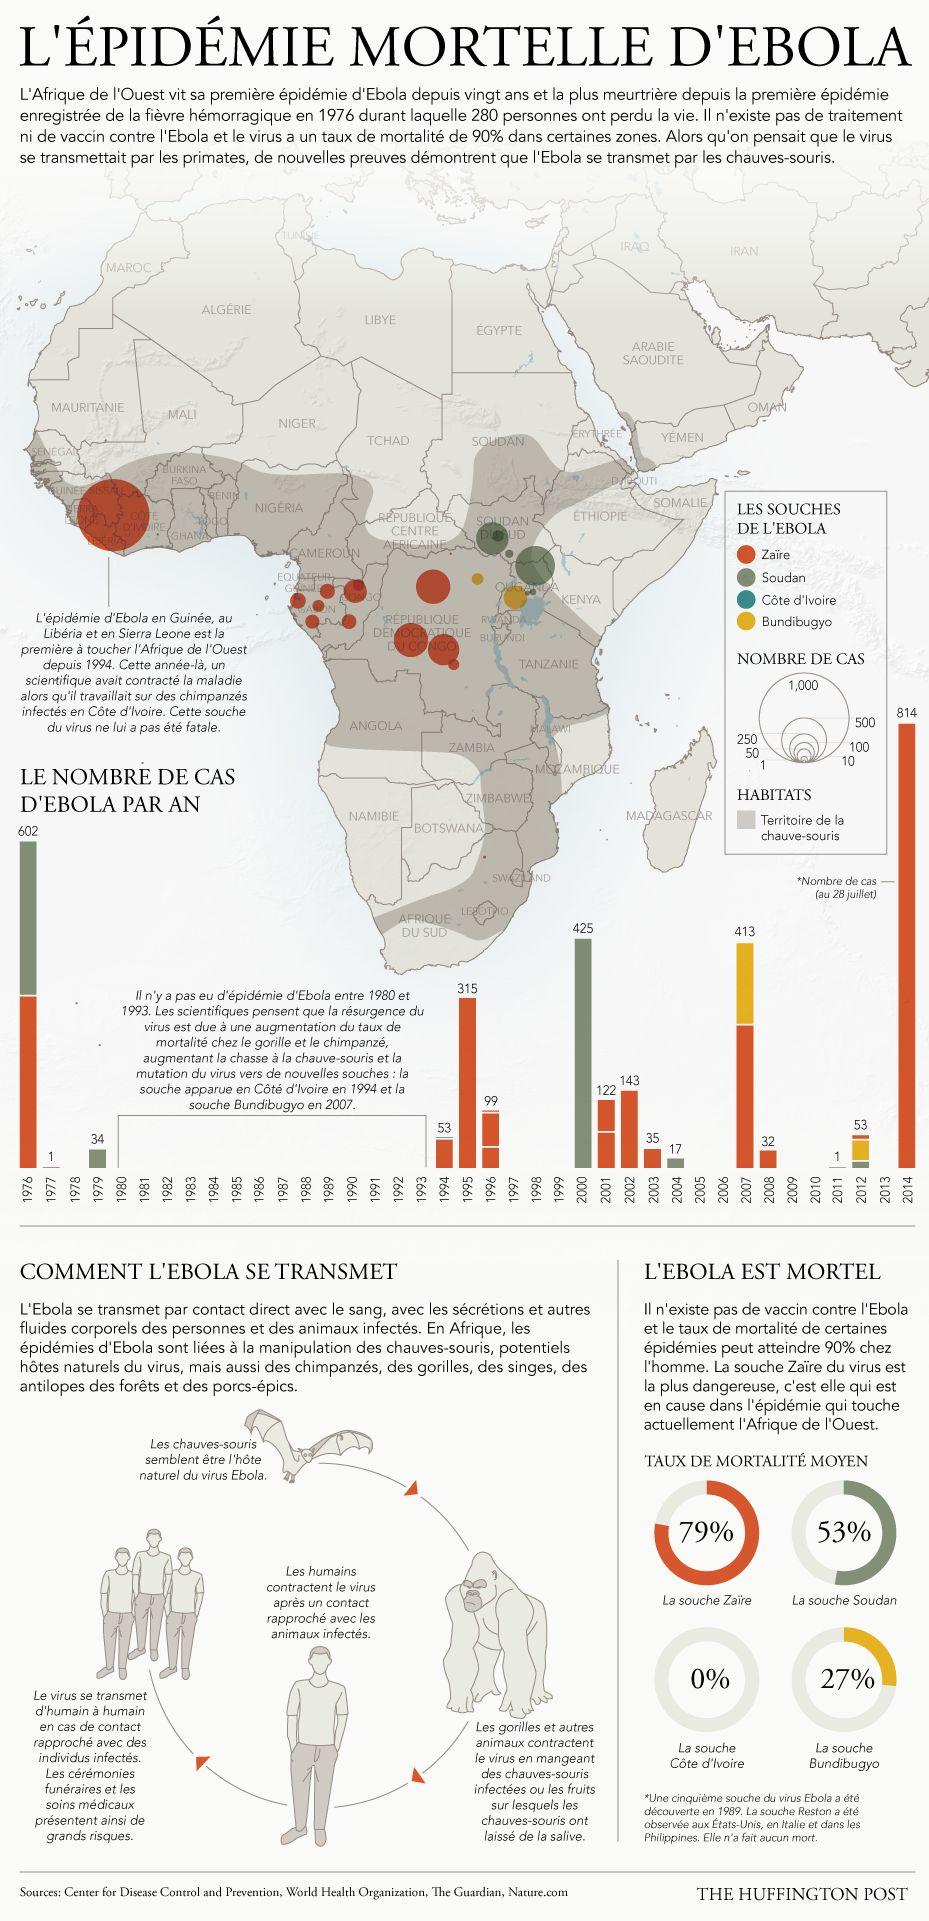 Virus Ebola : transmission, traitement, pays concernés, le point sur l'épidémie en une